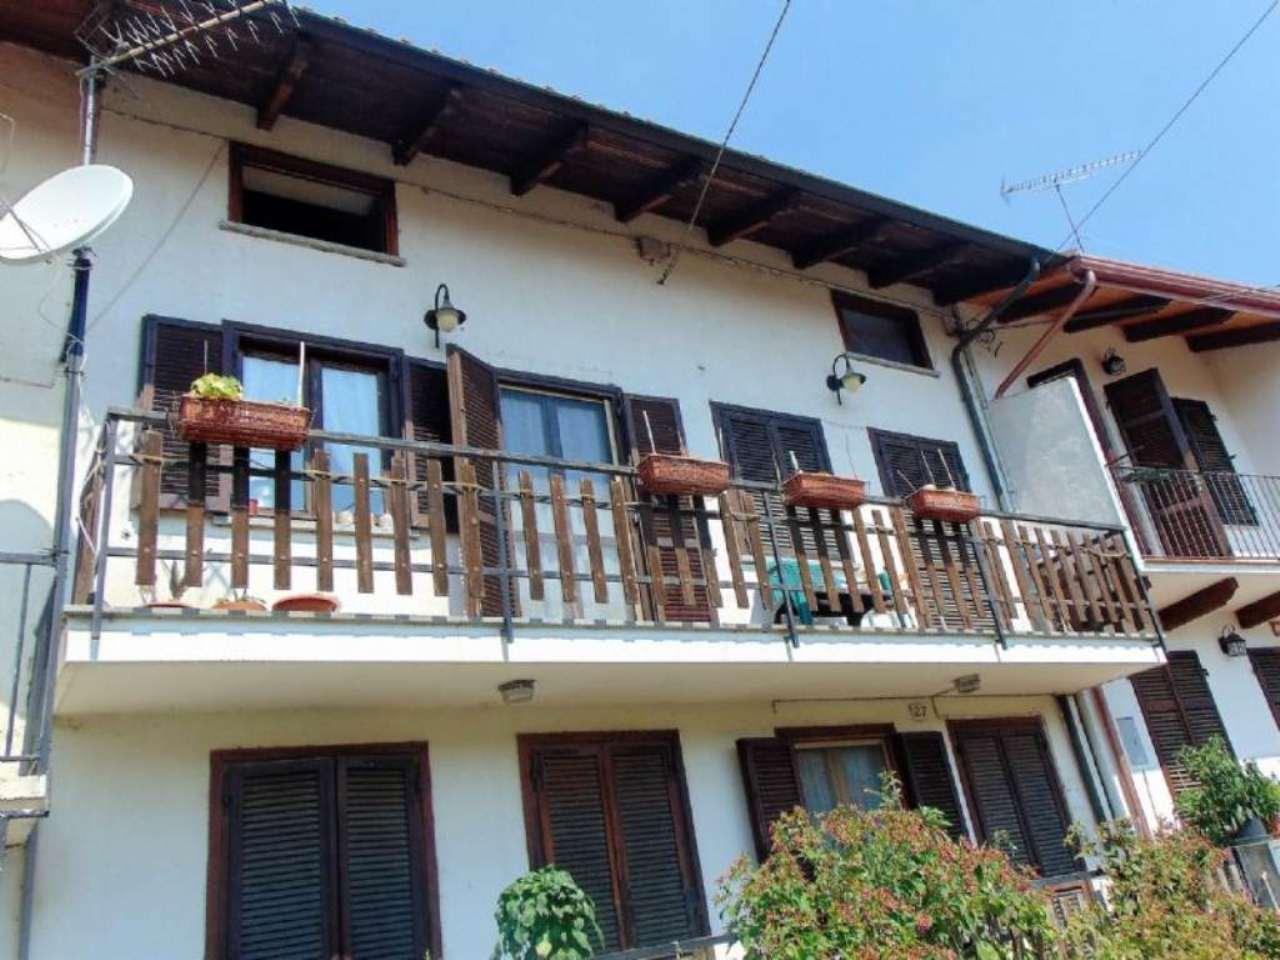 Soluzione Indipendente in vendita a Reano, 5 locali, prezzo € 153.000   Cambio Casa.it